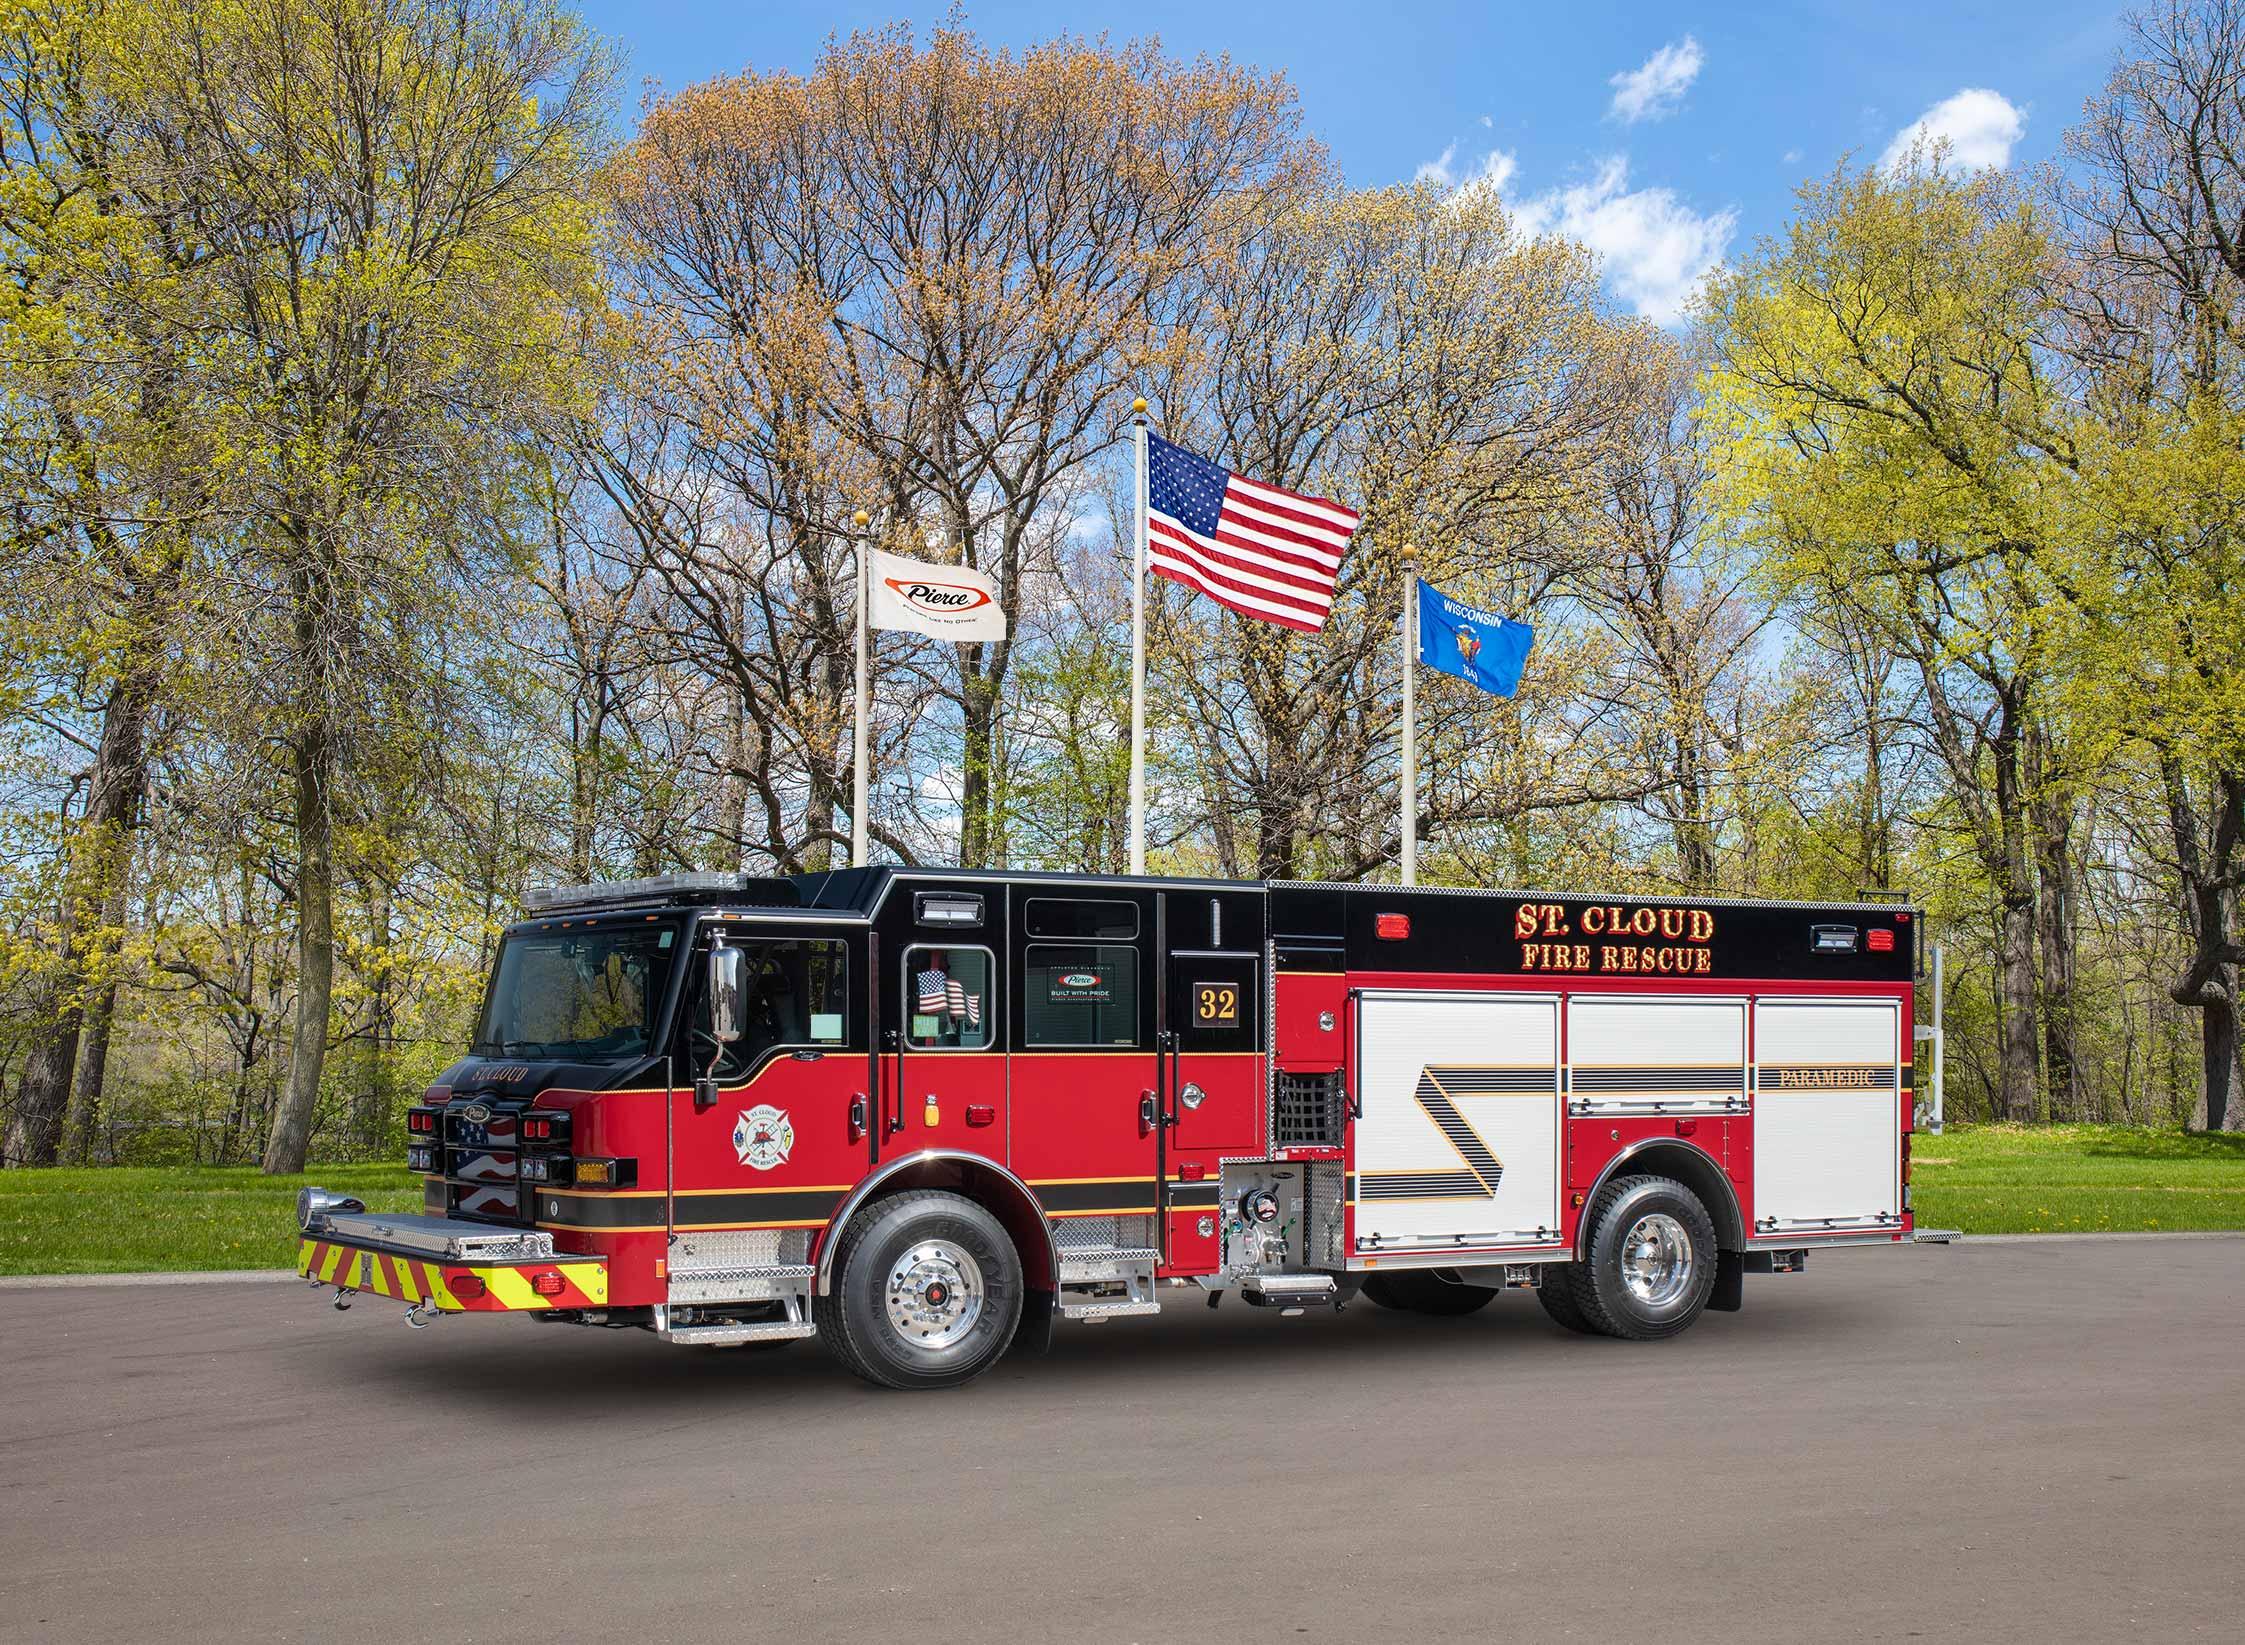 St. Cloud Fire Rescue - Pumper